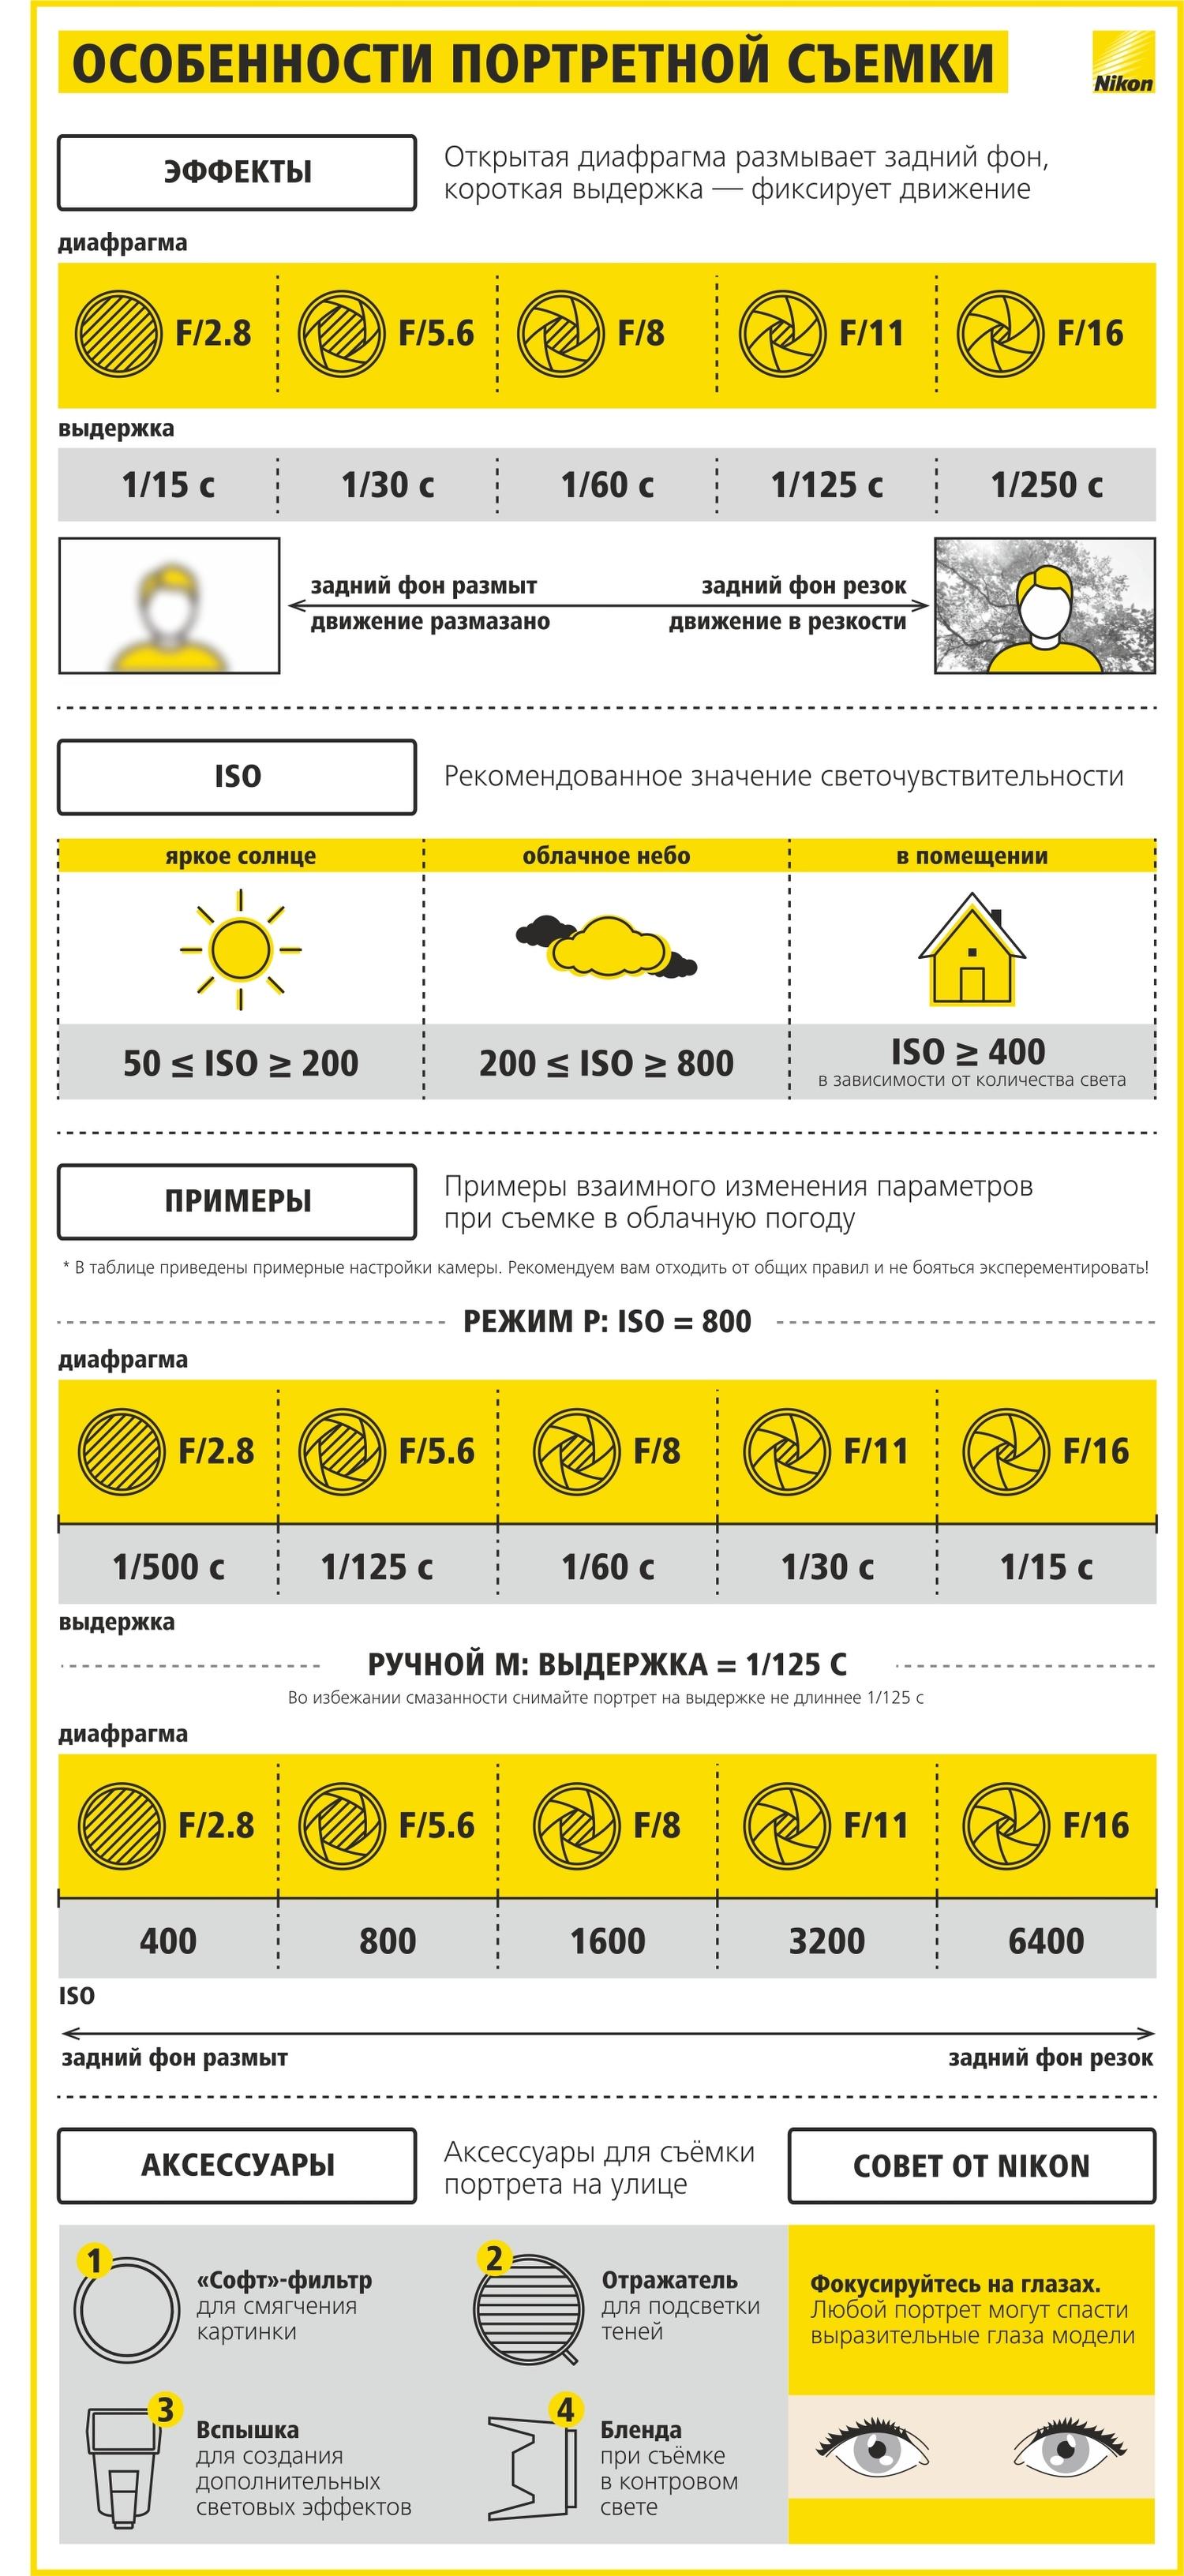 Как научиться фотографировать: пошаговая инструкция от Nikon Info_nikon_18